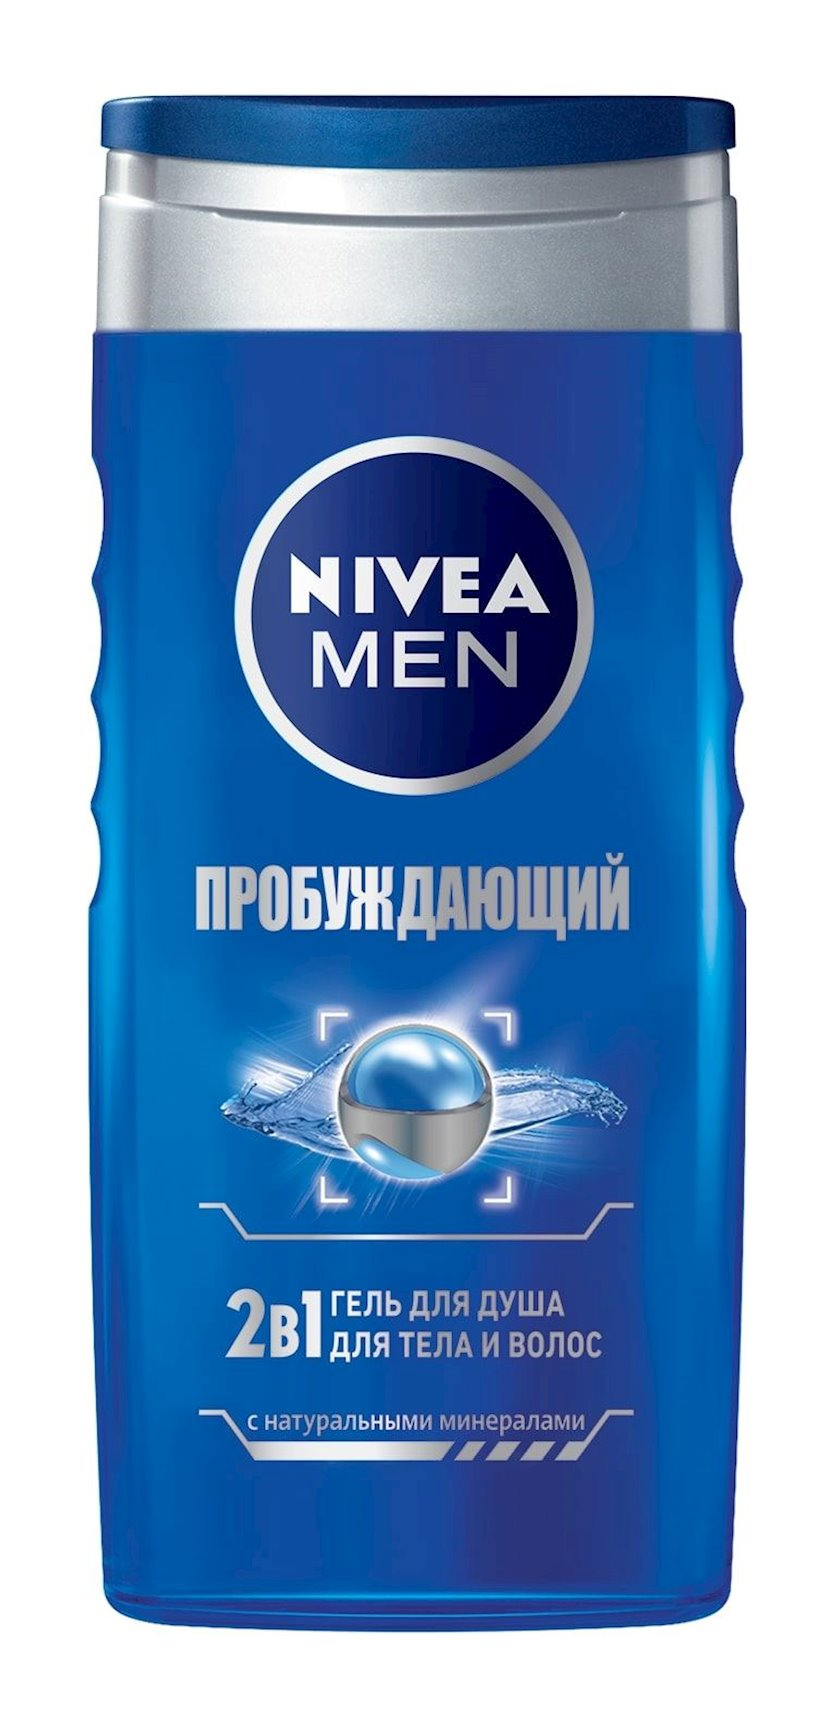 Duş üçün gel  Nivea Oyadan 250 ml